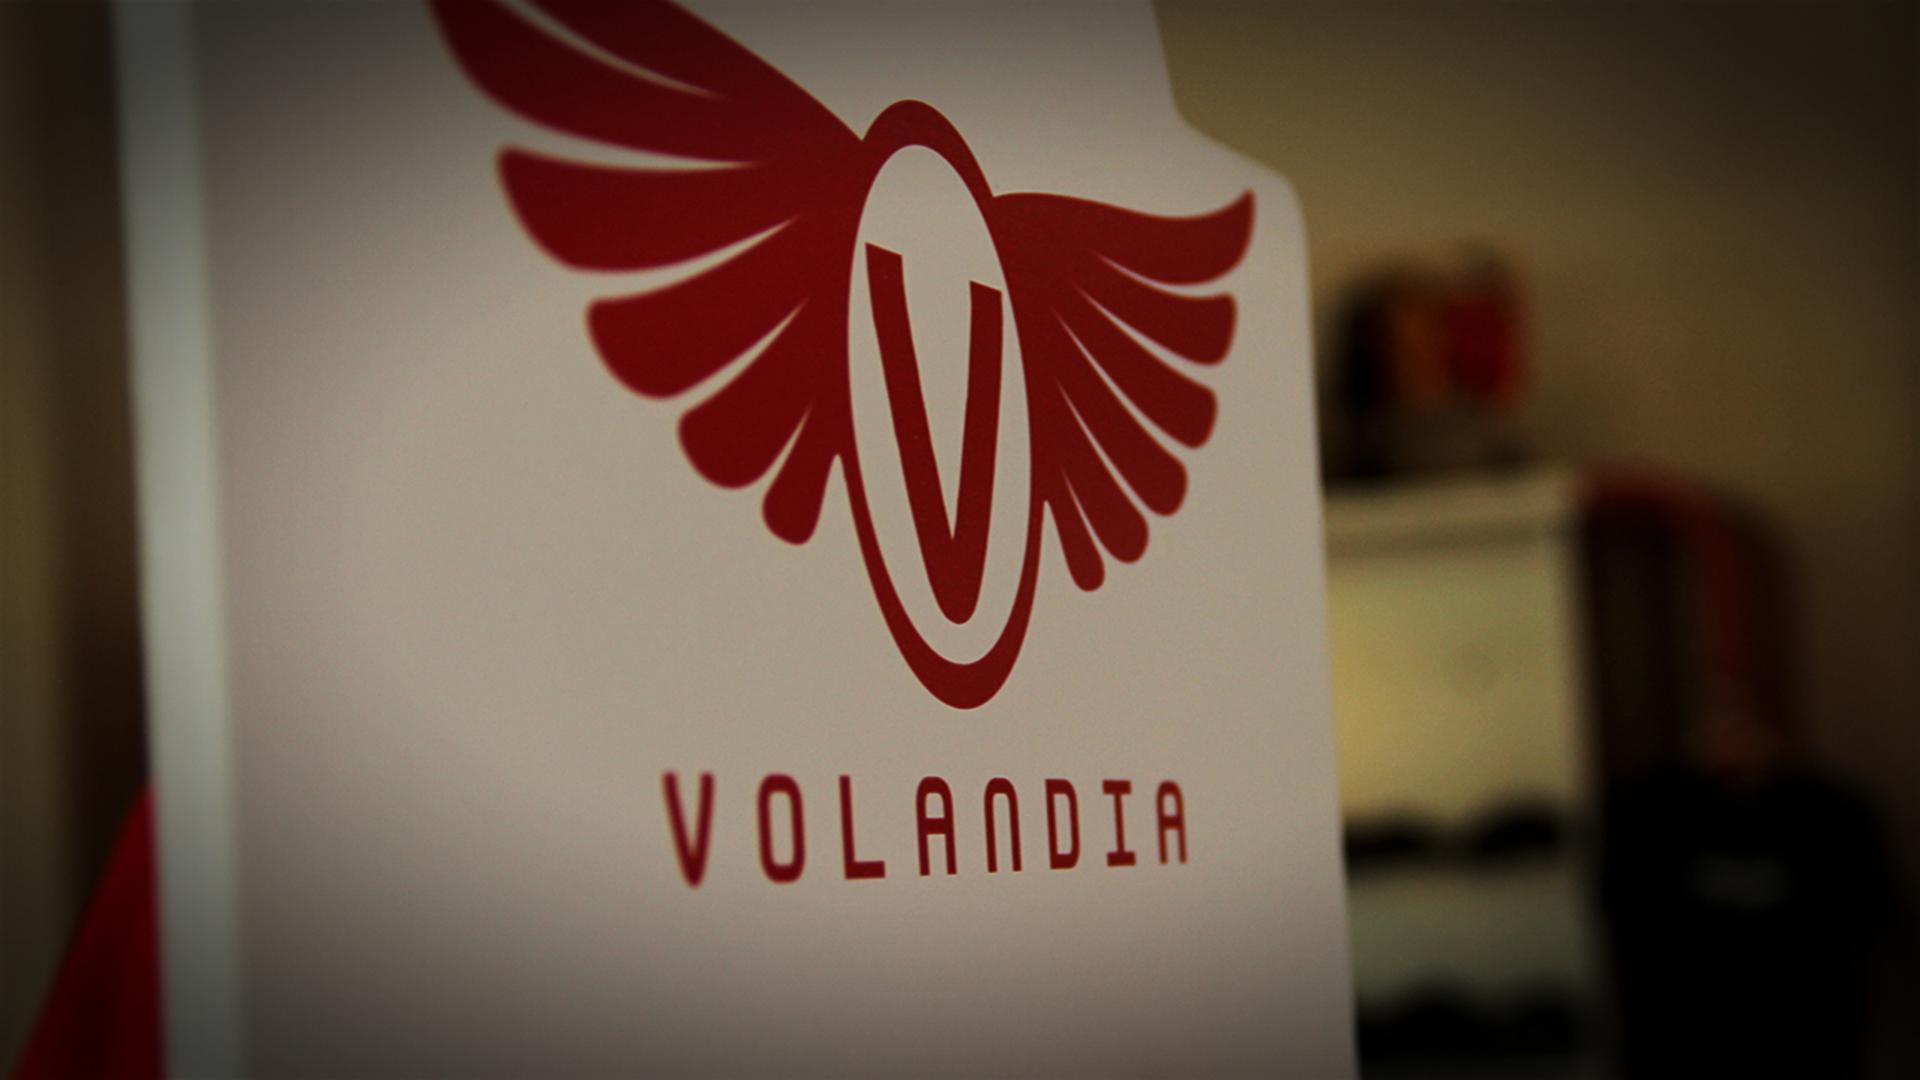 museo-volo-volandia-119